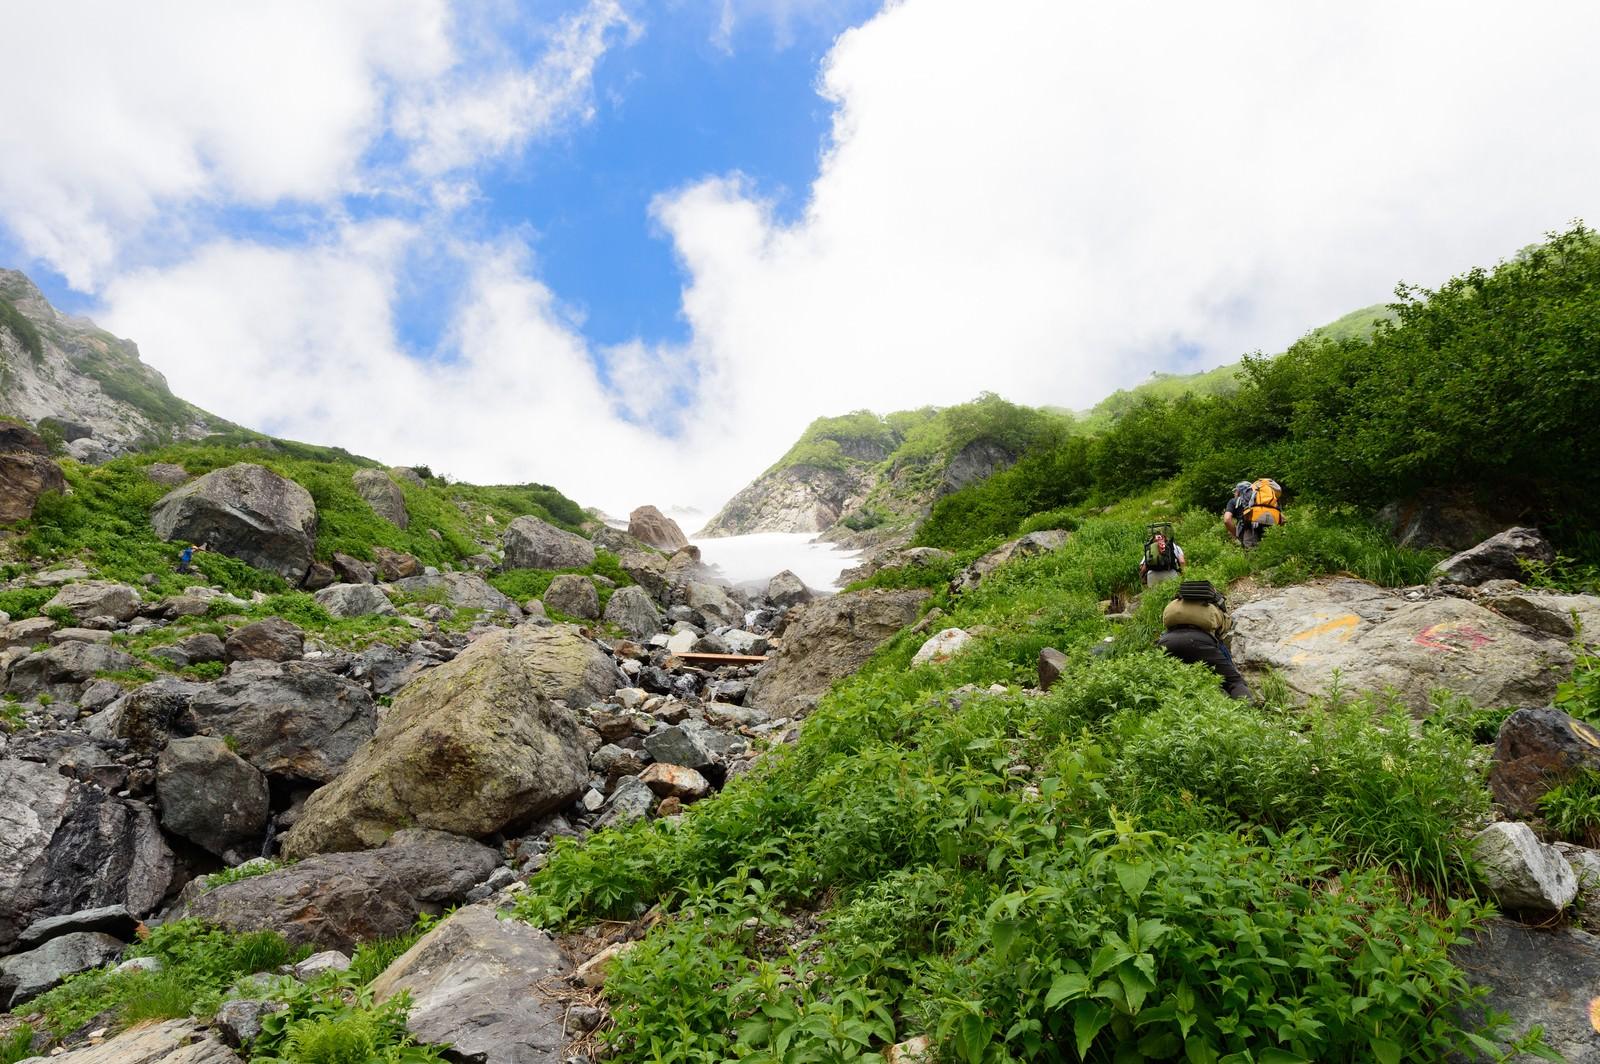 「大雪渓を超えて白馬岳山頂を目指す登山者達」の写真